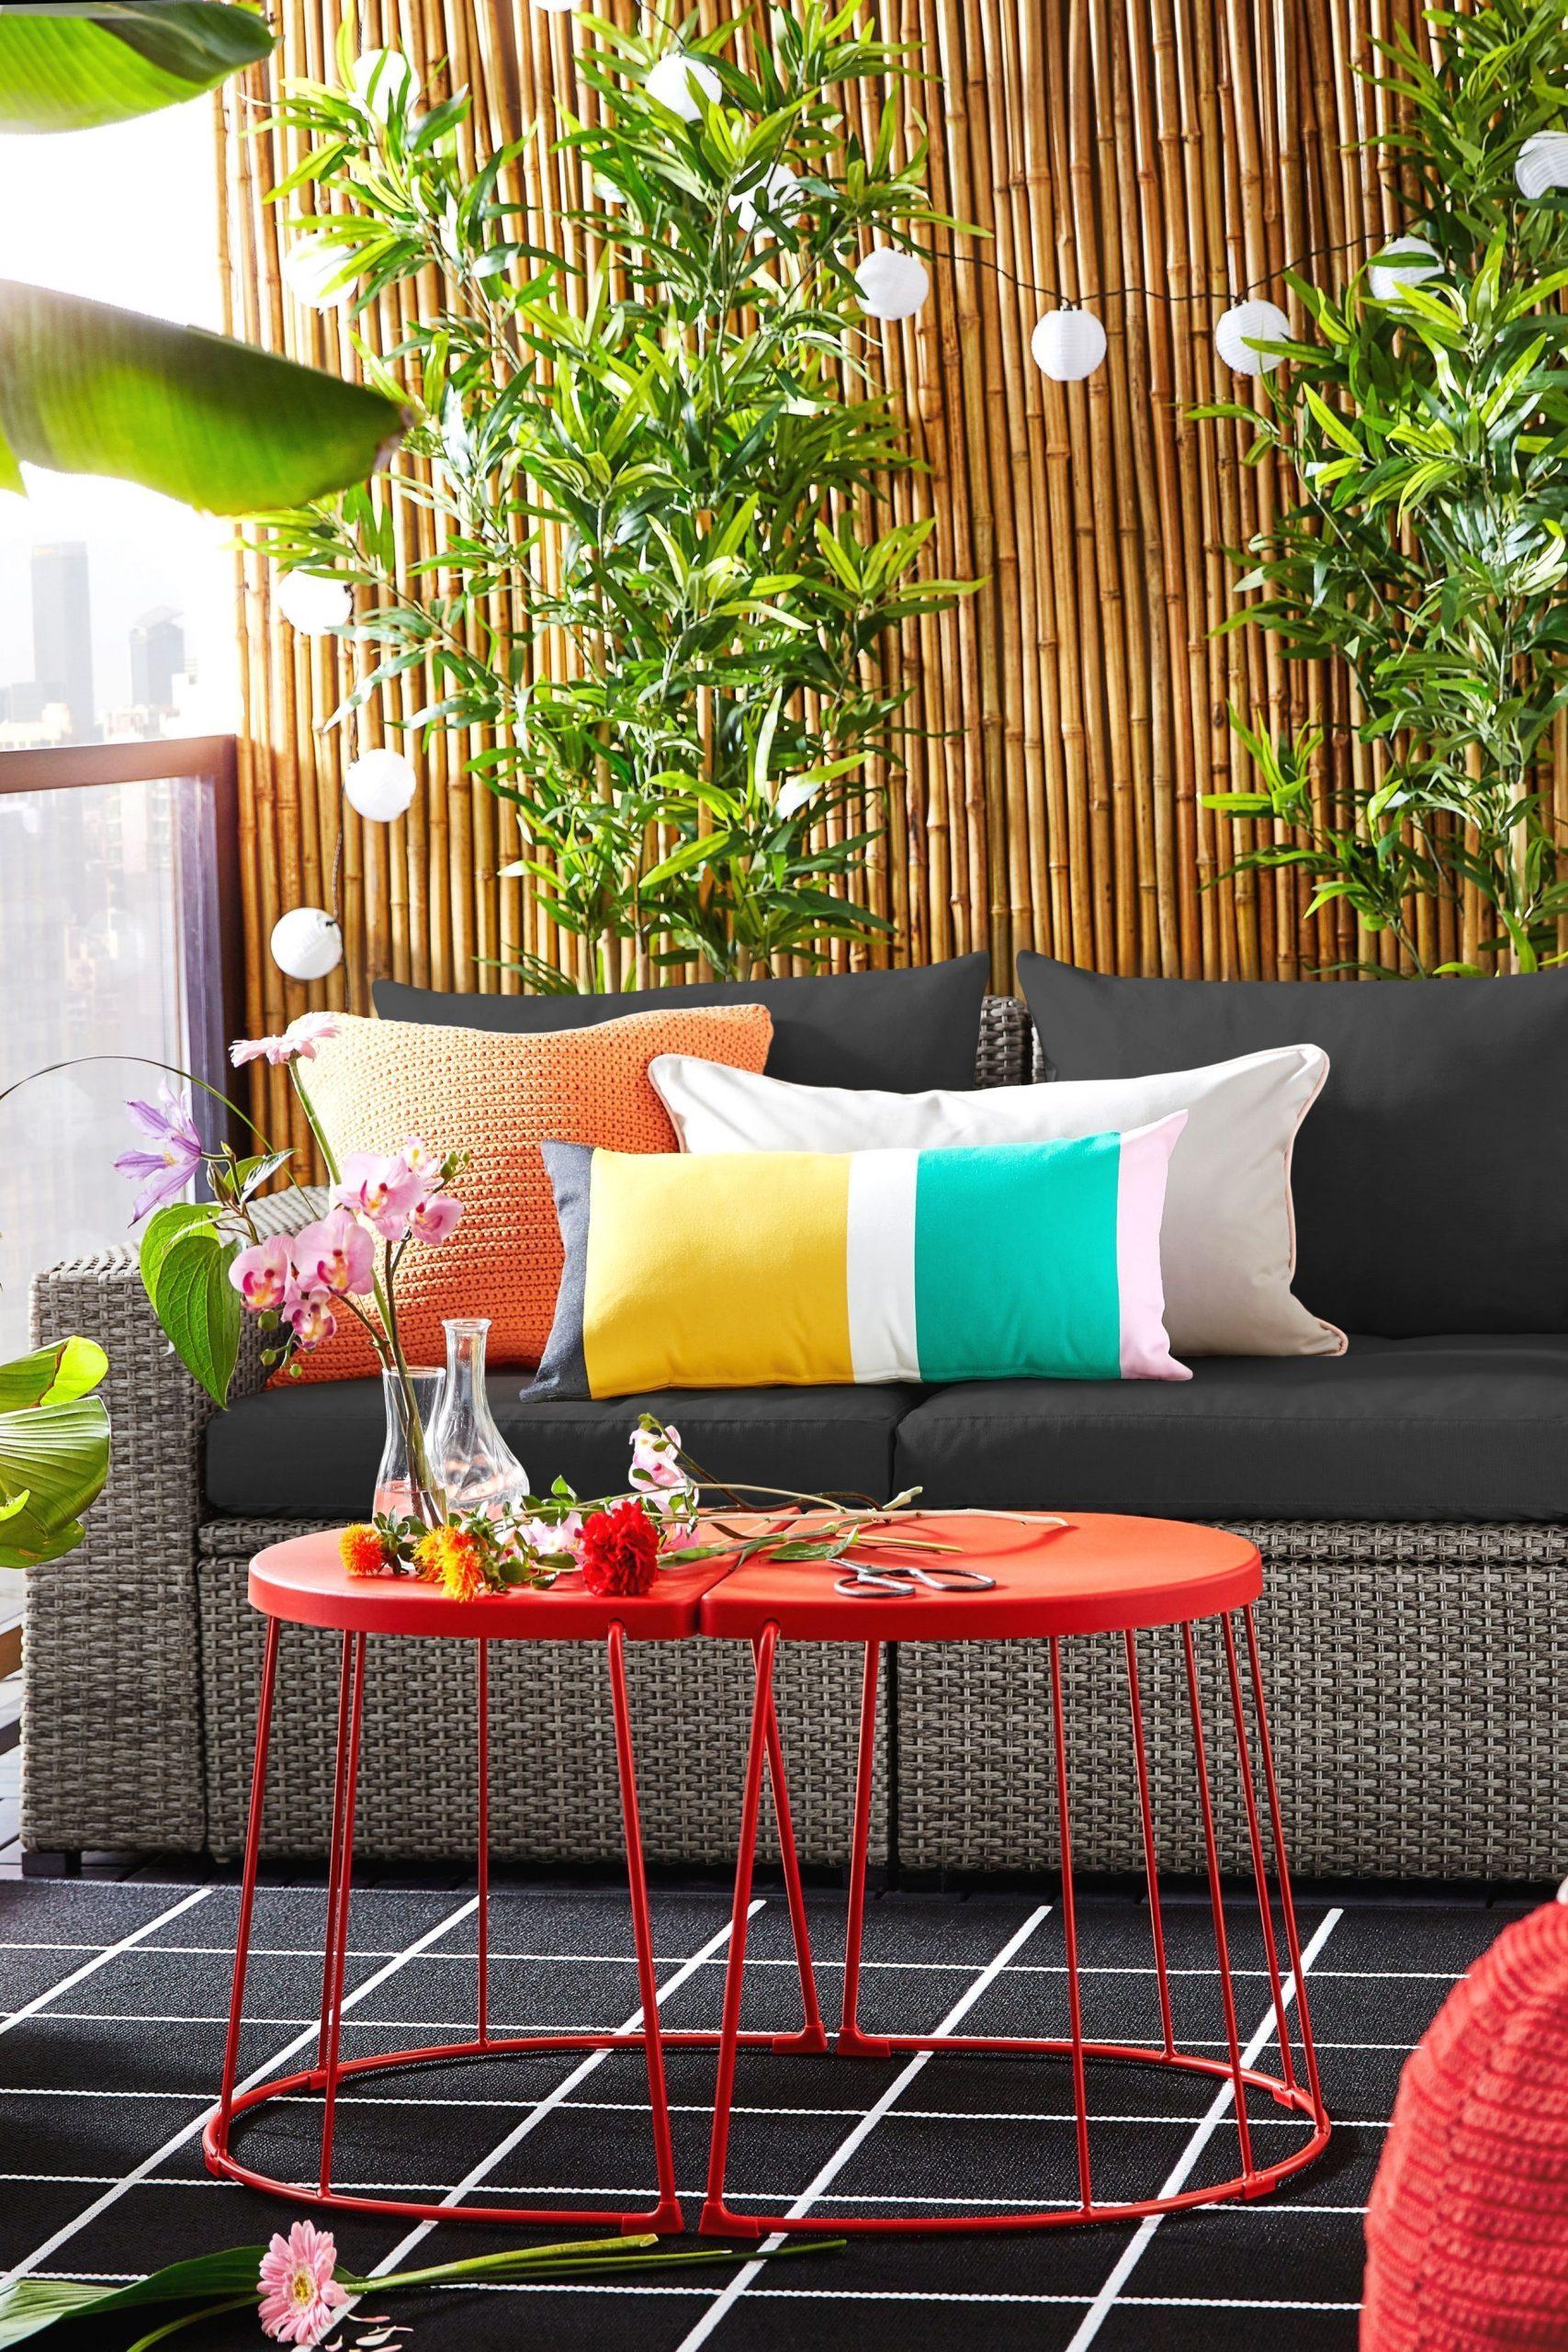 Full Size of Ikea Miniküche Modulküche Betten 160x200 Bei Fenster Sichtschutz Im Garten Küche Kaufen Sichtschutzfolie Kosten Einseitig Durchsichtig Für Wpc Sofa Mit Wohnzimmer Sichtschutz Balkon Ikea